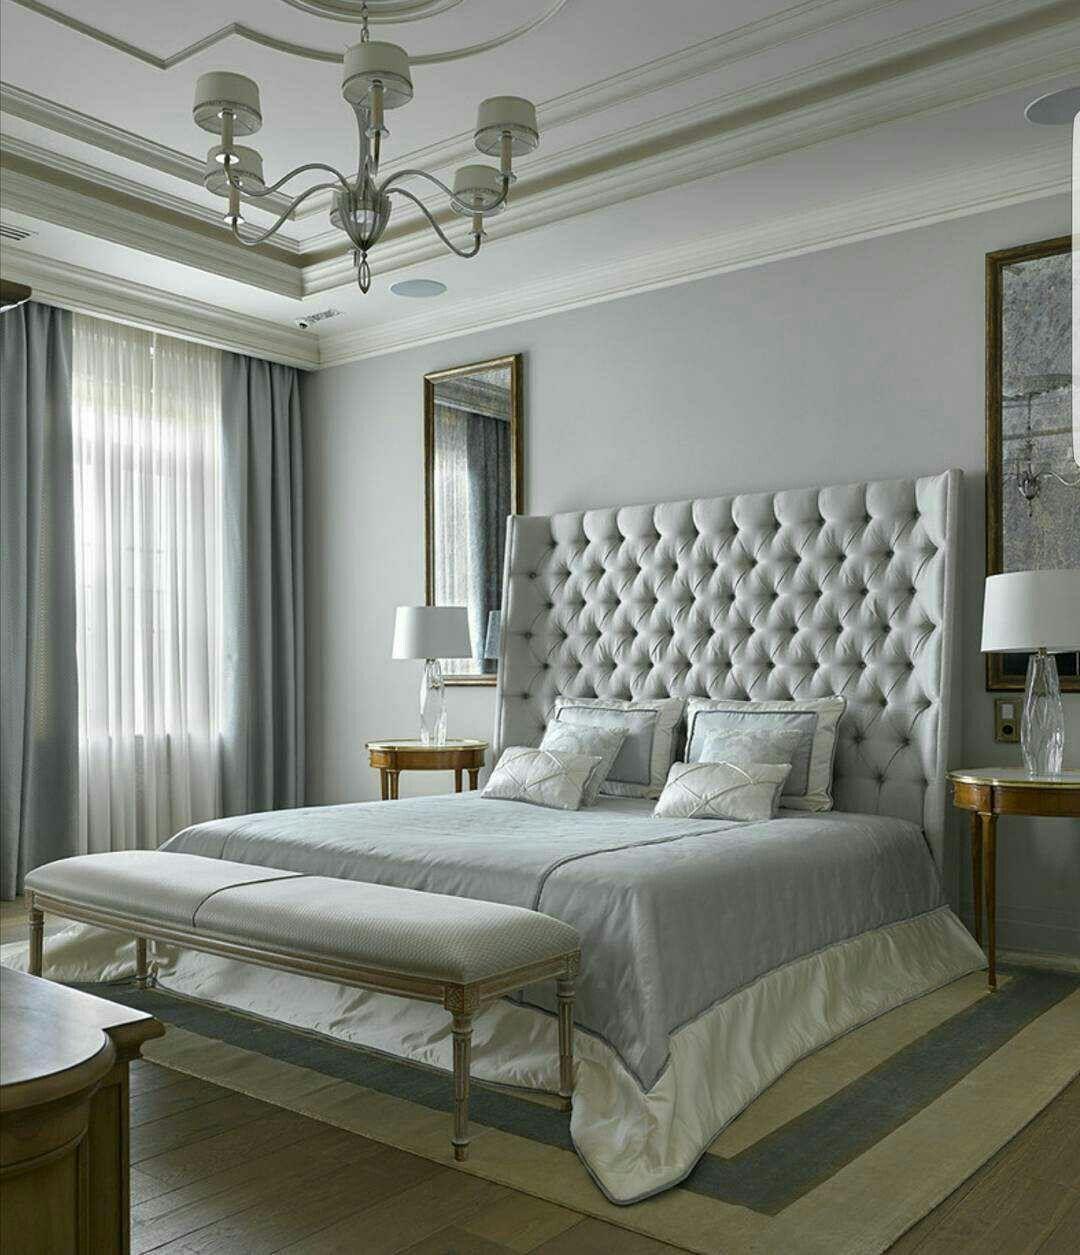 Pin By Natalya Avs On Bedroom 2 Grey Bedroom Design Gray Master